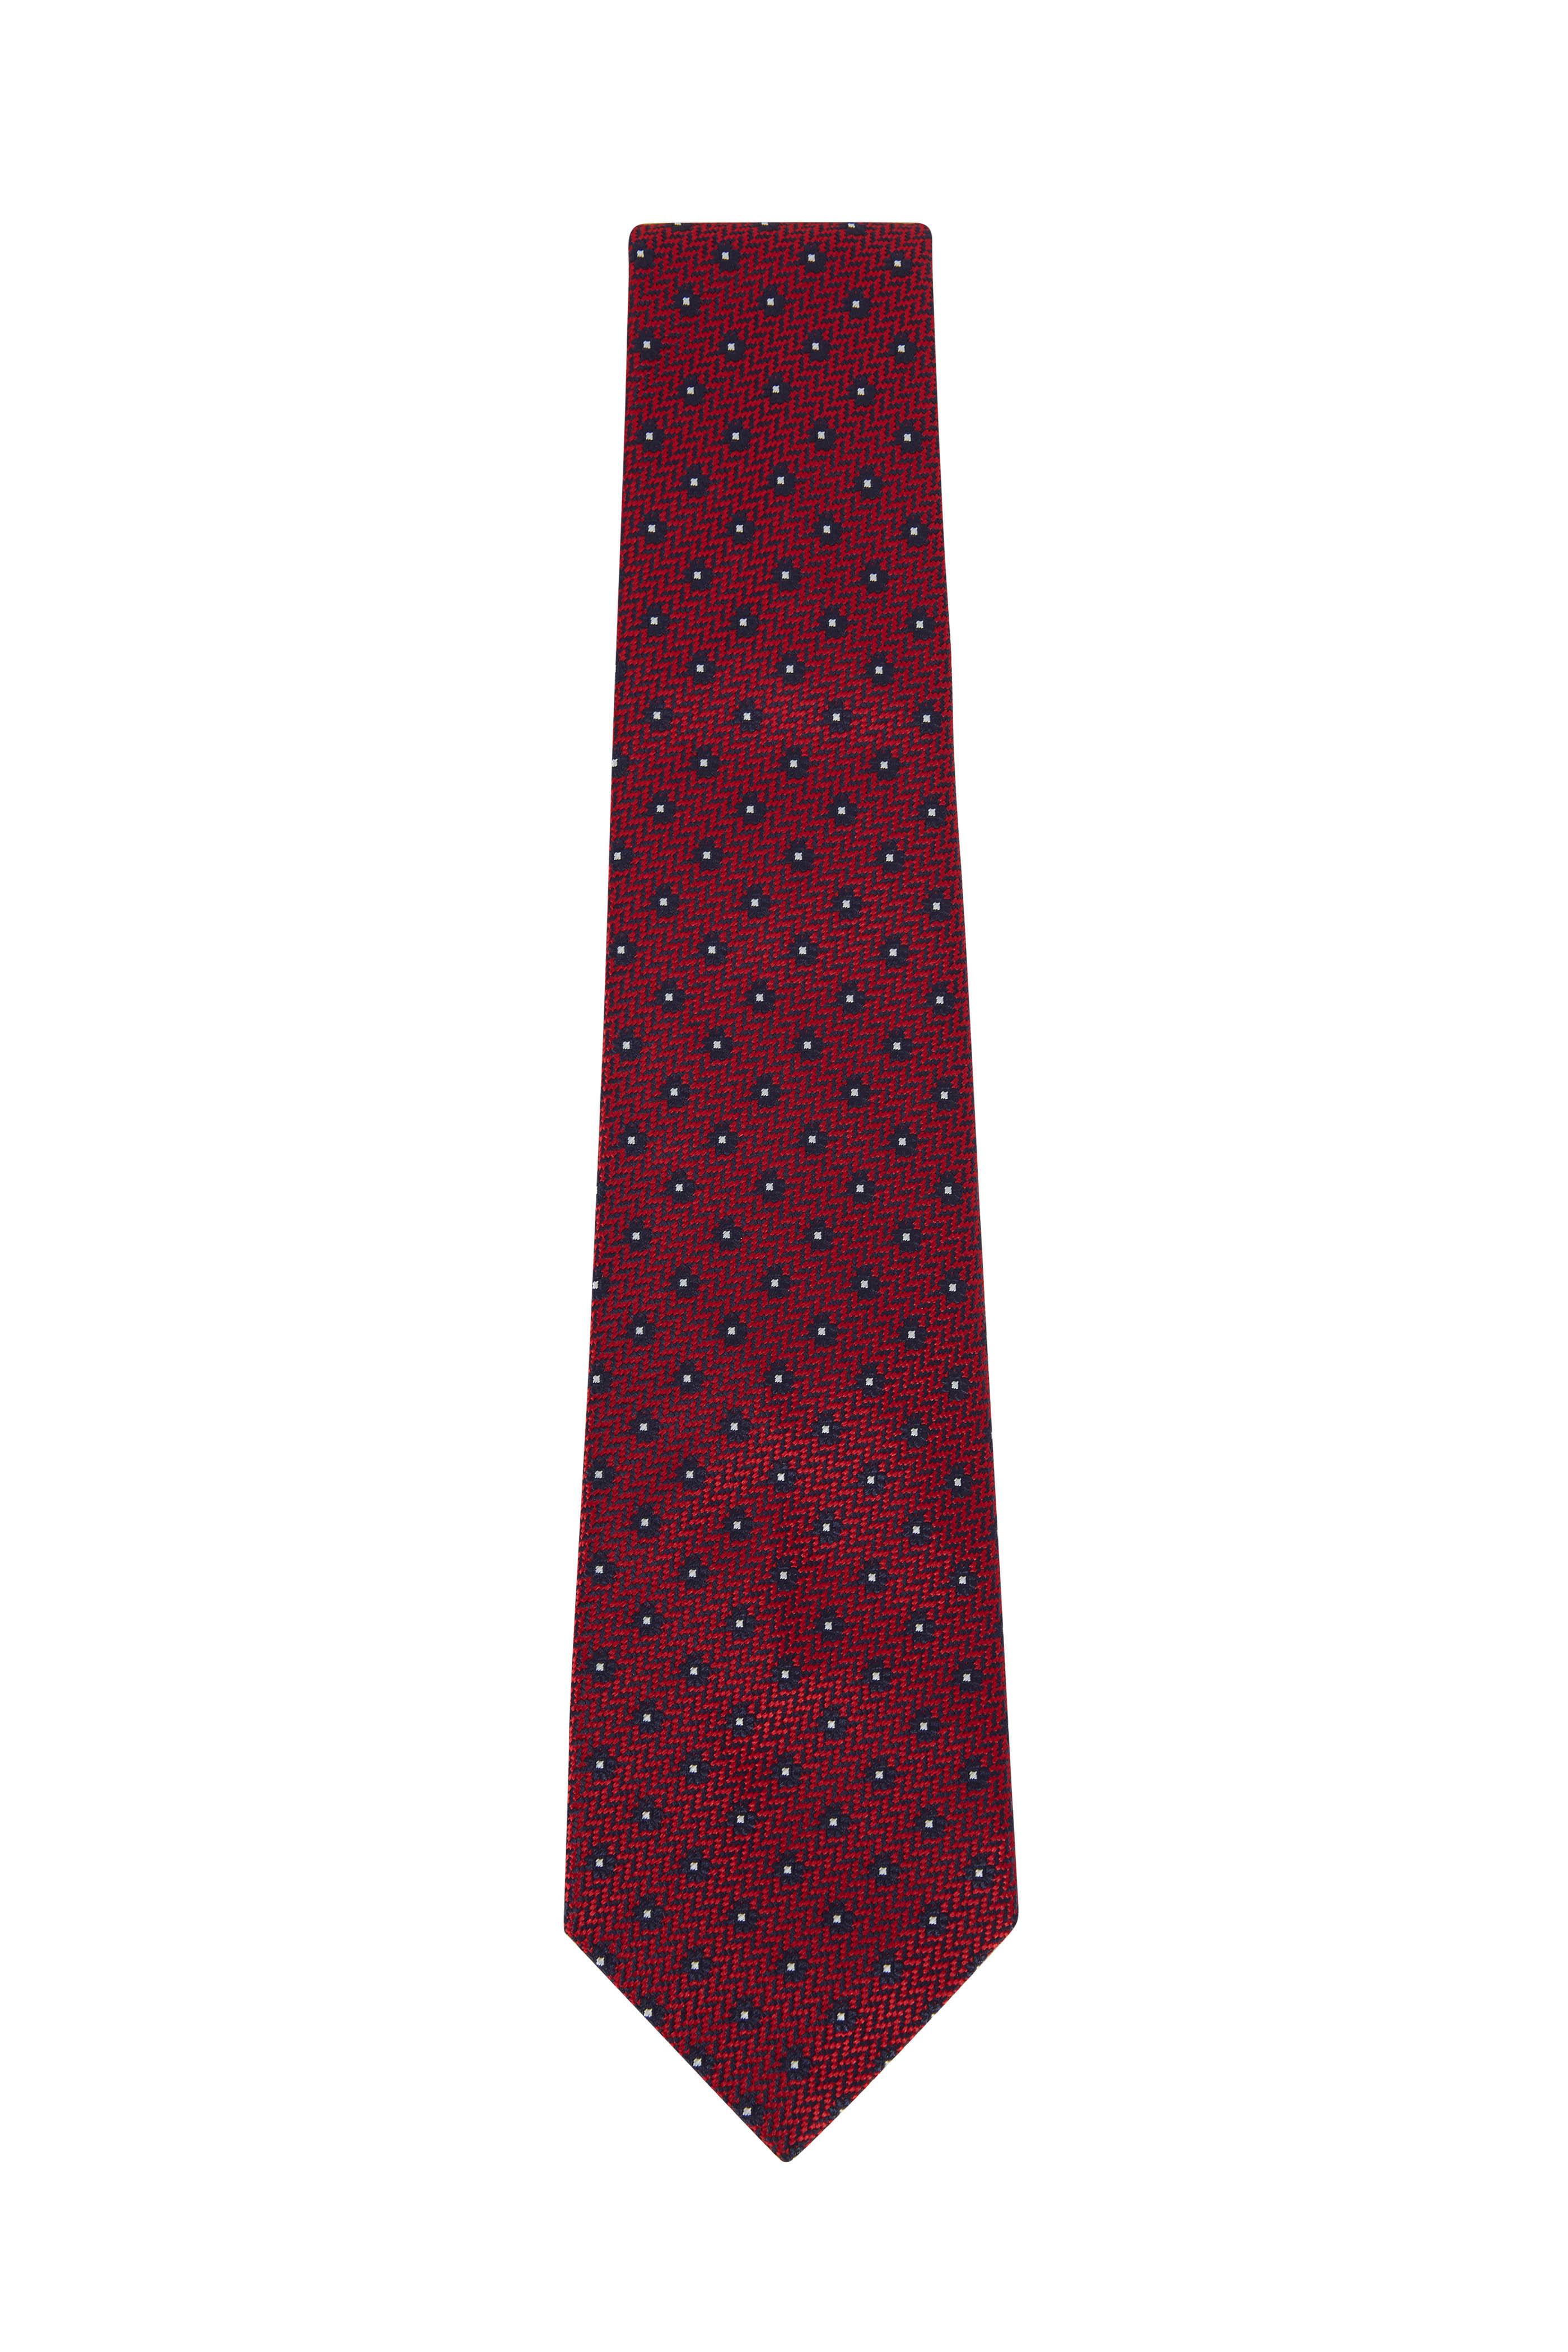 a6a5a7e32f Ermenegildo Zegna - Red & Navy Blue Geometric Silk Necktie ...